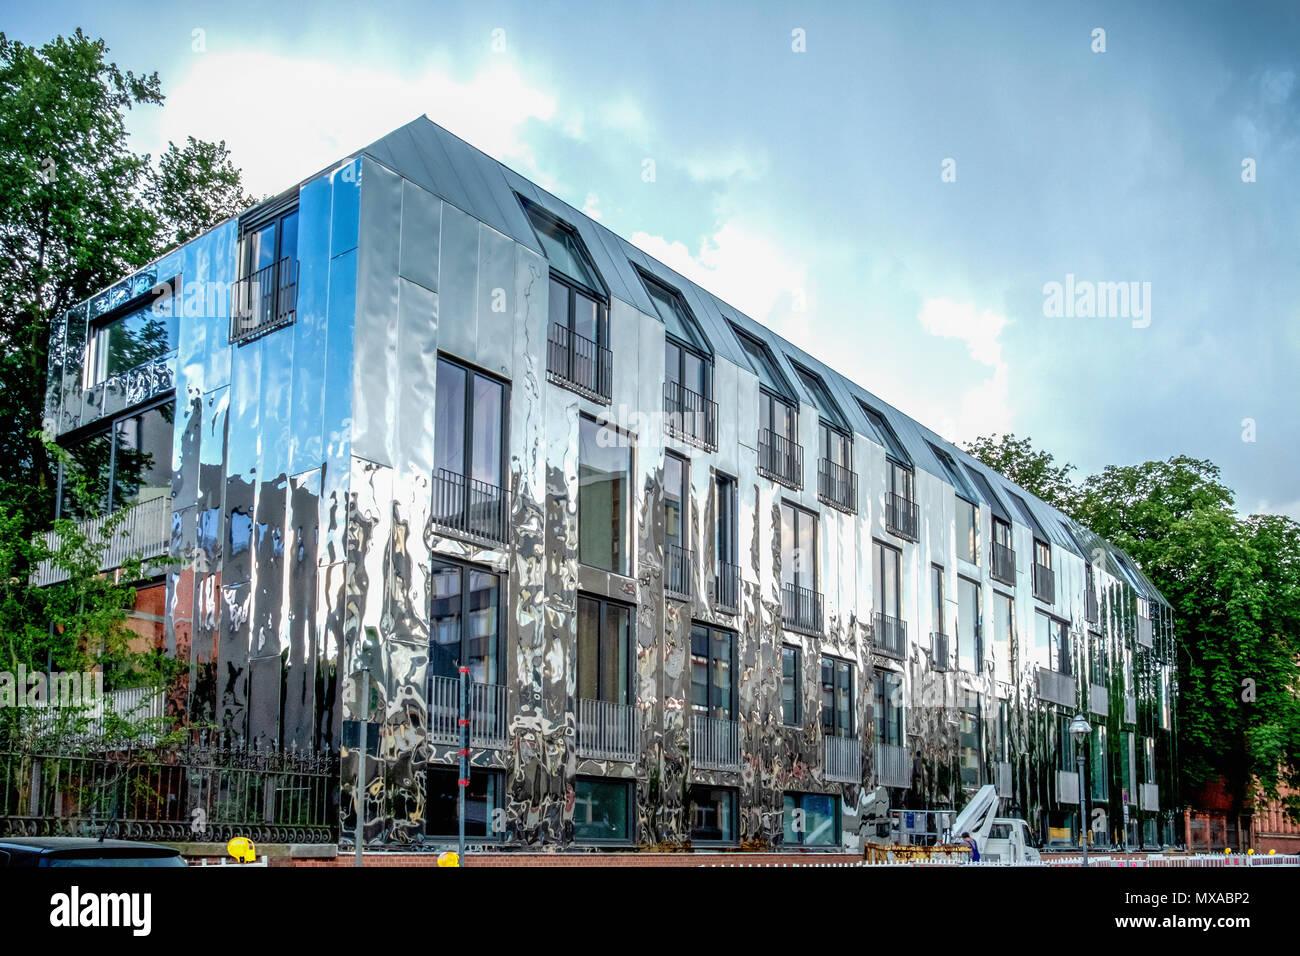 Berlin Moabit Sauerbruch Hutton Haus 6. Blick auf glänzenden neuen ...